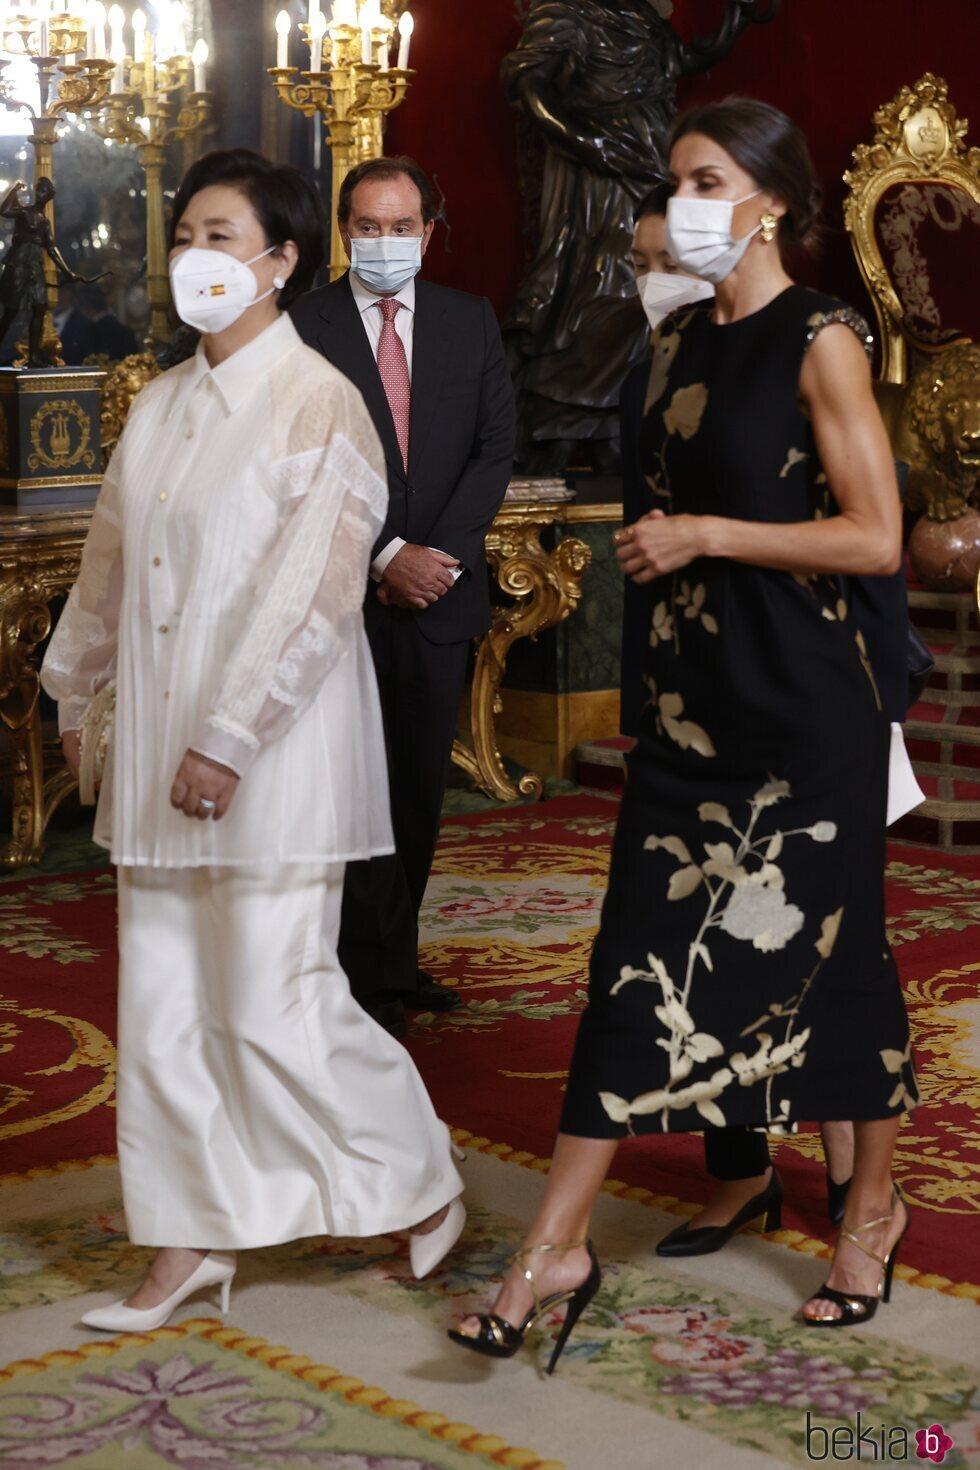 La Reina Letizia y Kim Jung-sook en la cena de Estado en honor al Presidente de Corea del Sur, Moon Jae-in, y la Primera Dama Kim Jung-sook